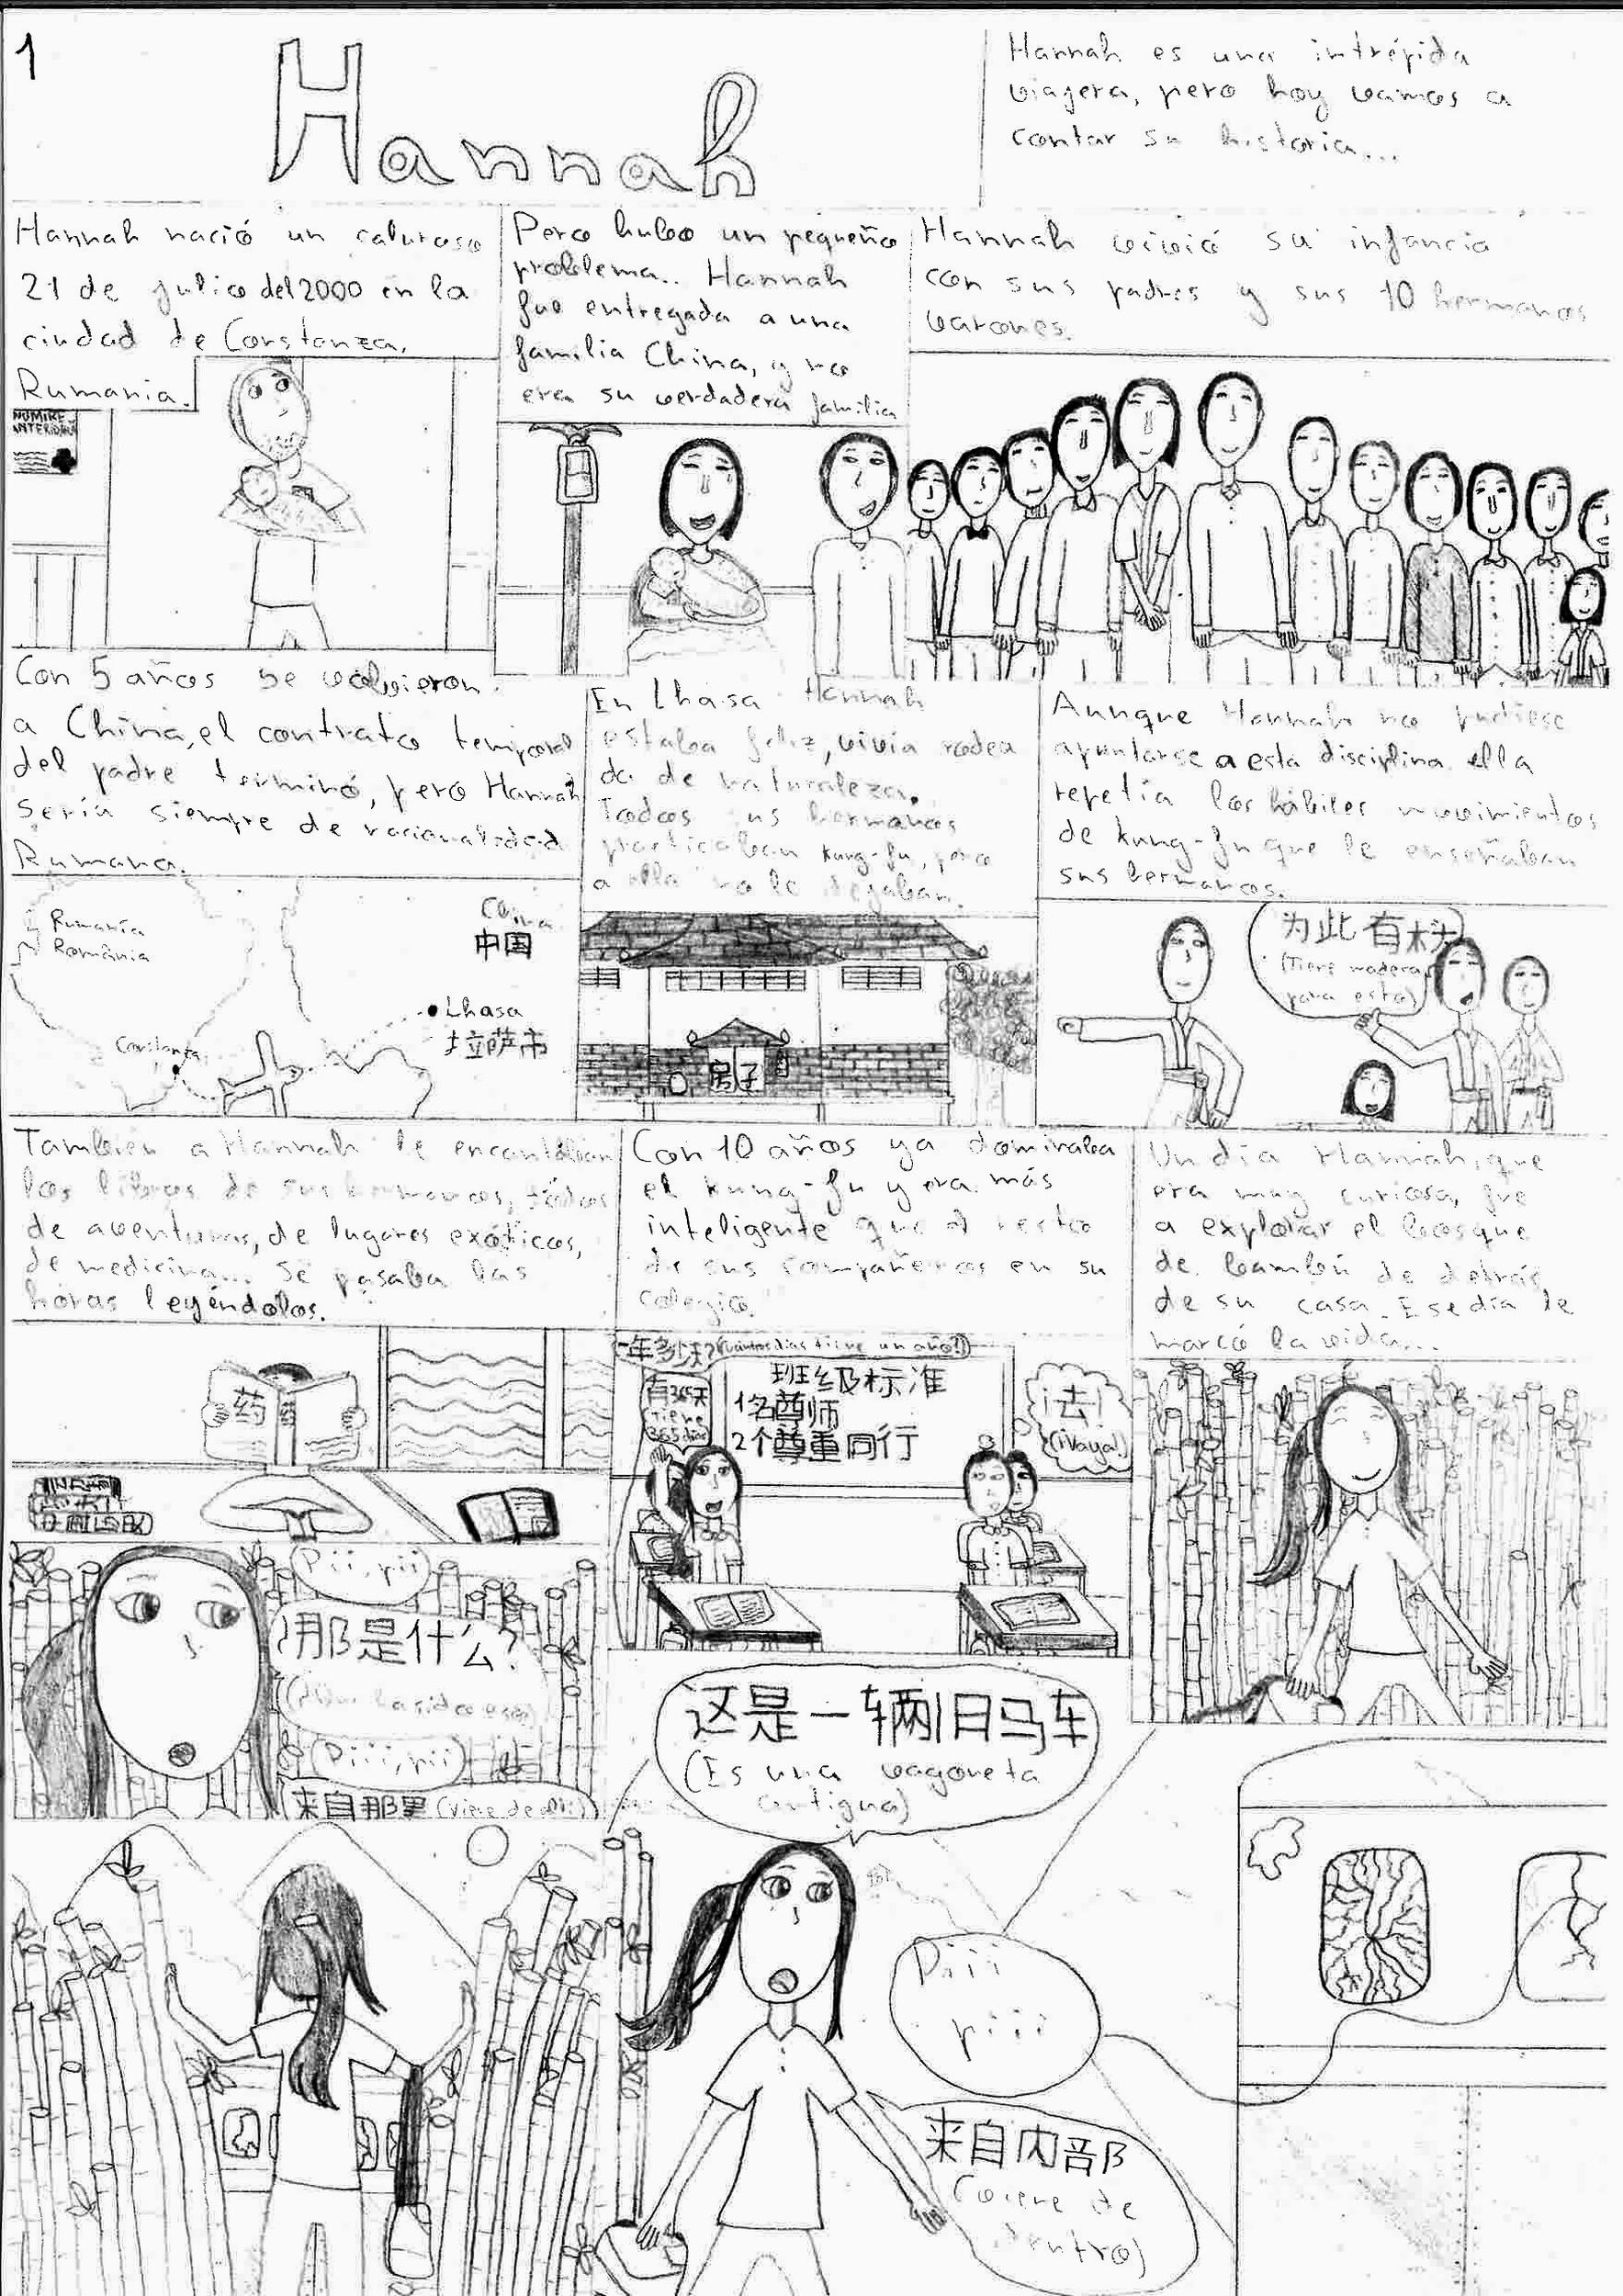 02_Sara Garcia Rodriguez_comic concurso_page-0002_0002